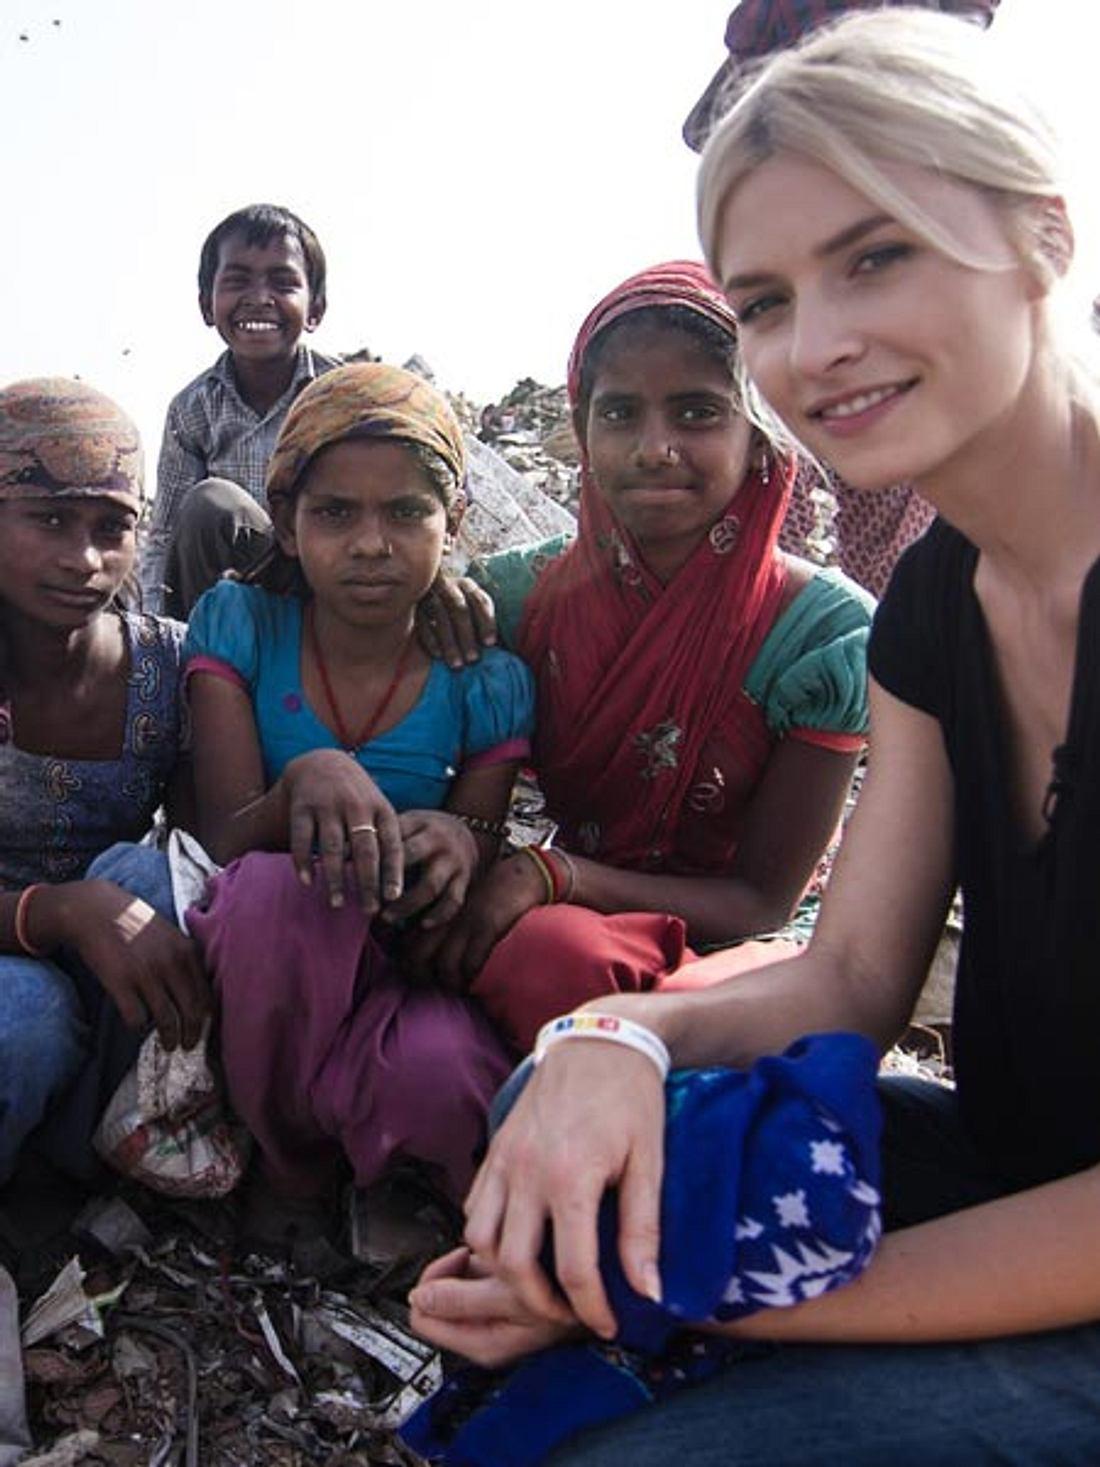 Lena Gercke besuchte Kinder in den Slums von Indien